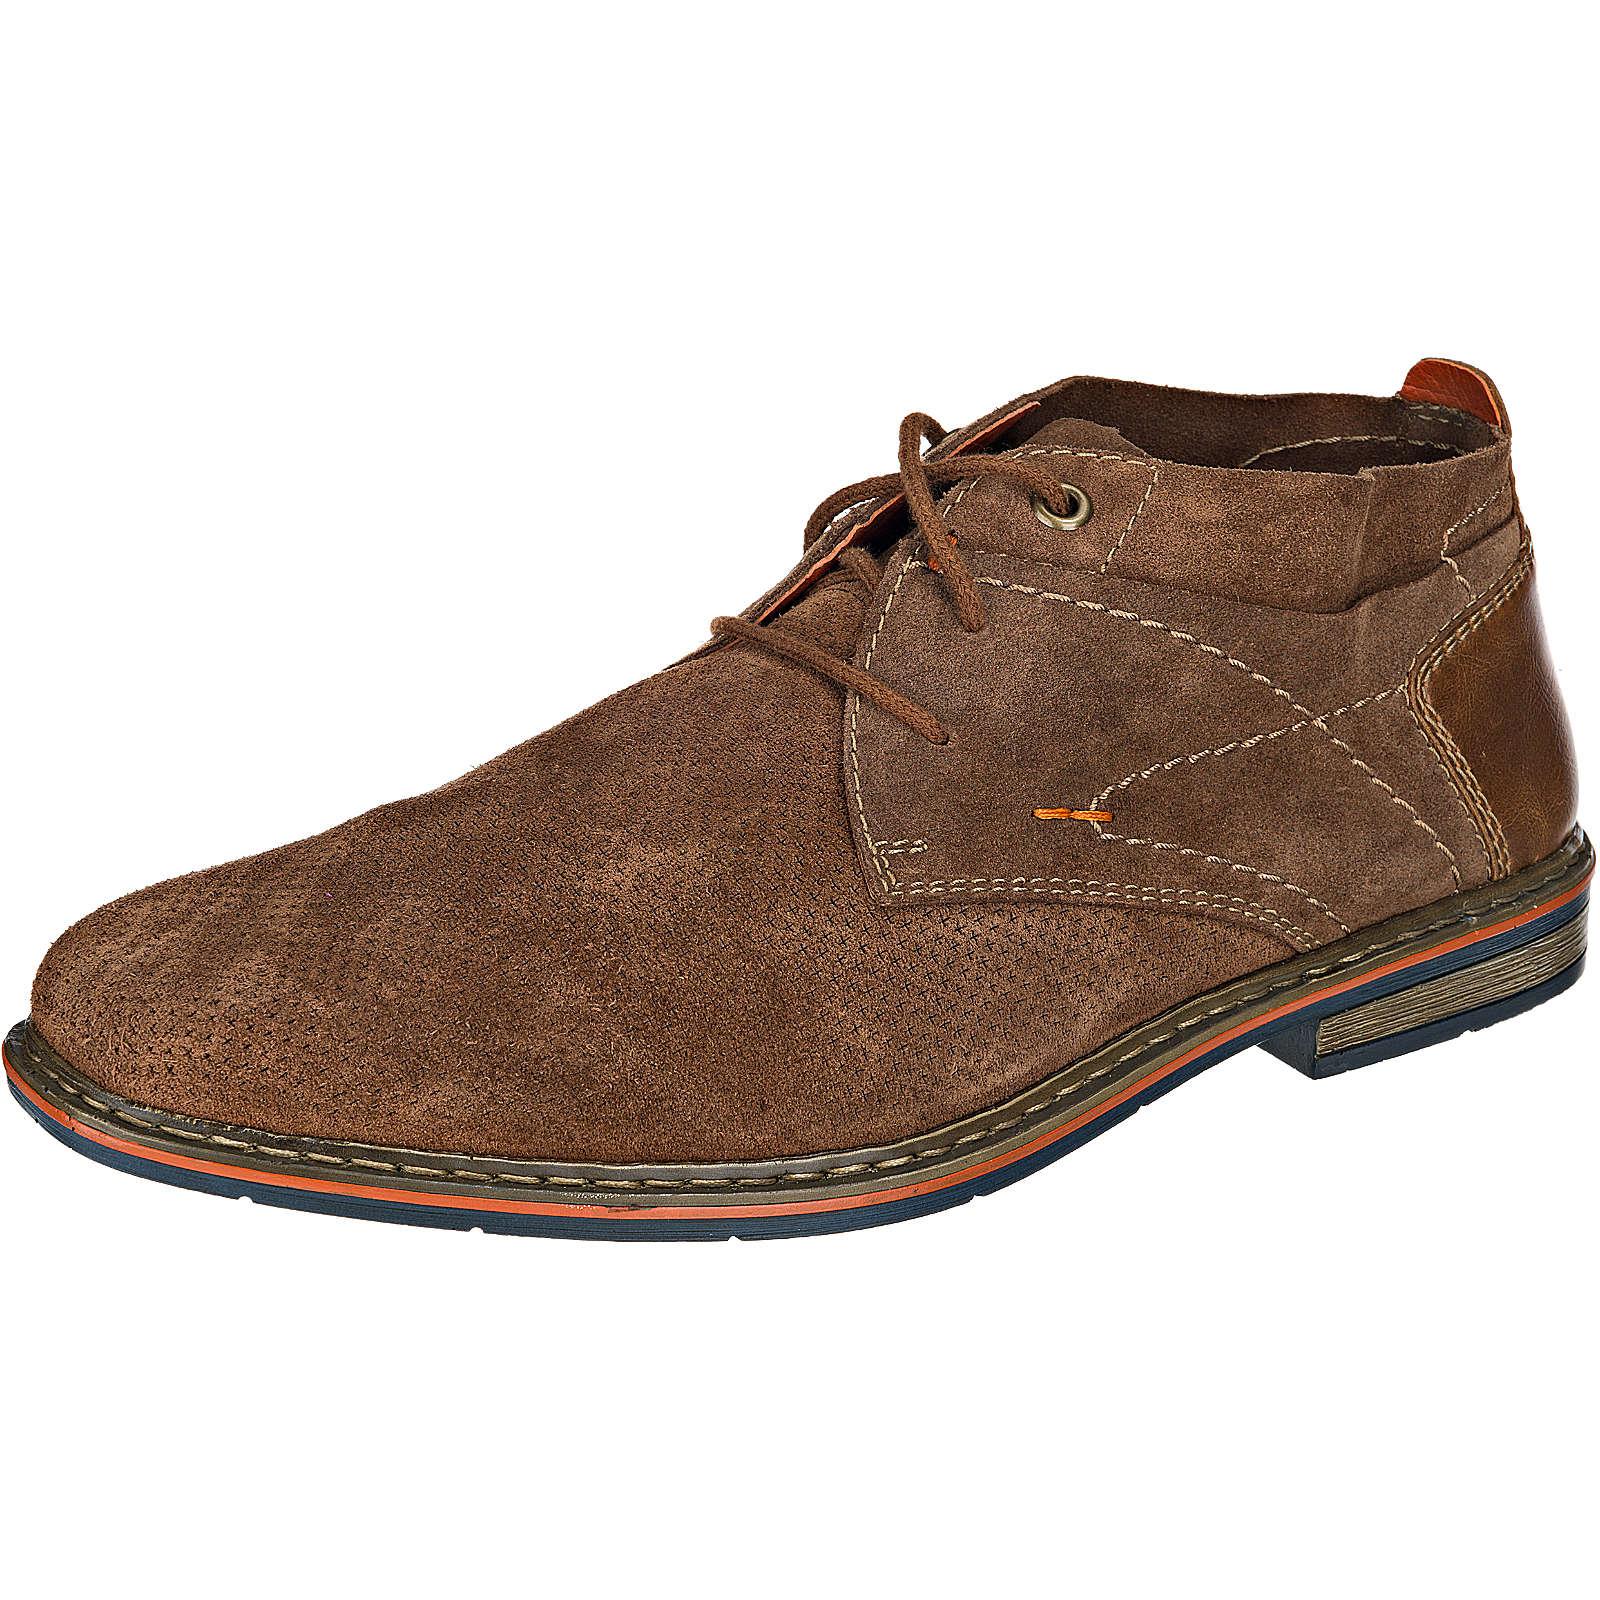 rieker Freizeit Schuhe braun Herren Gr. 42